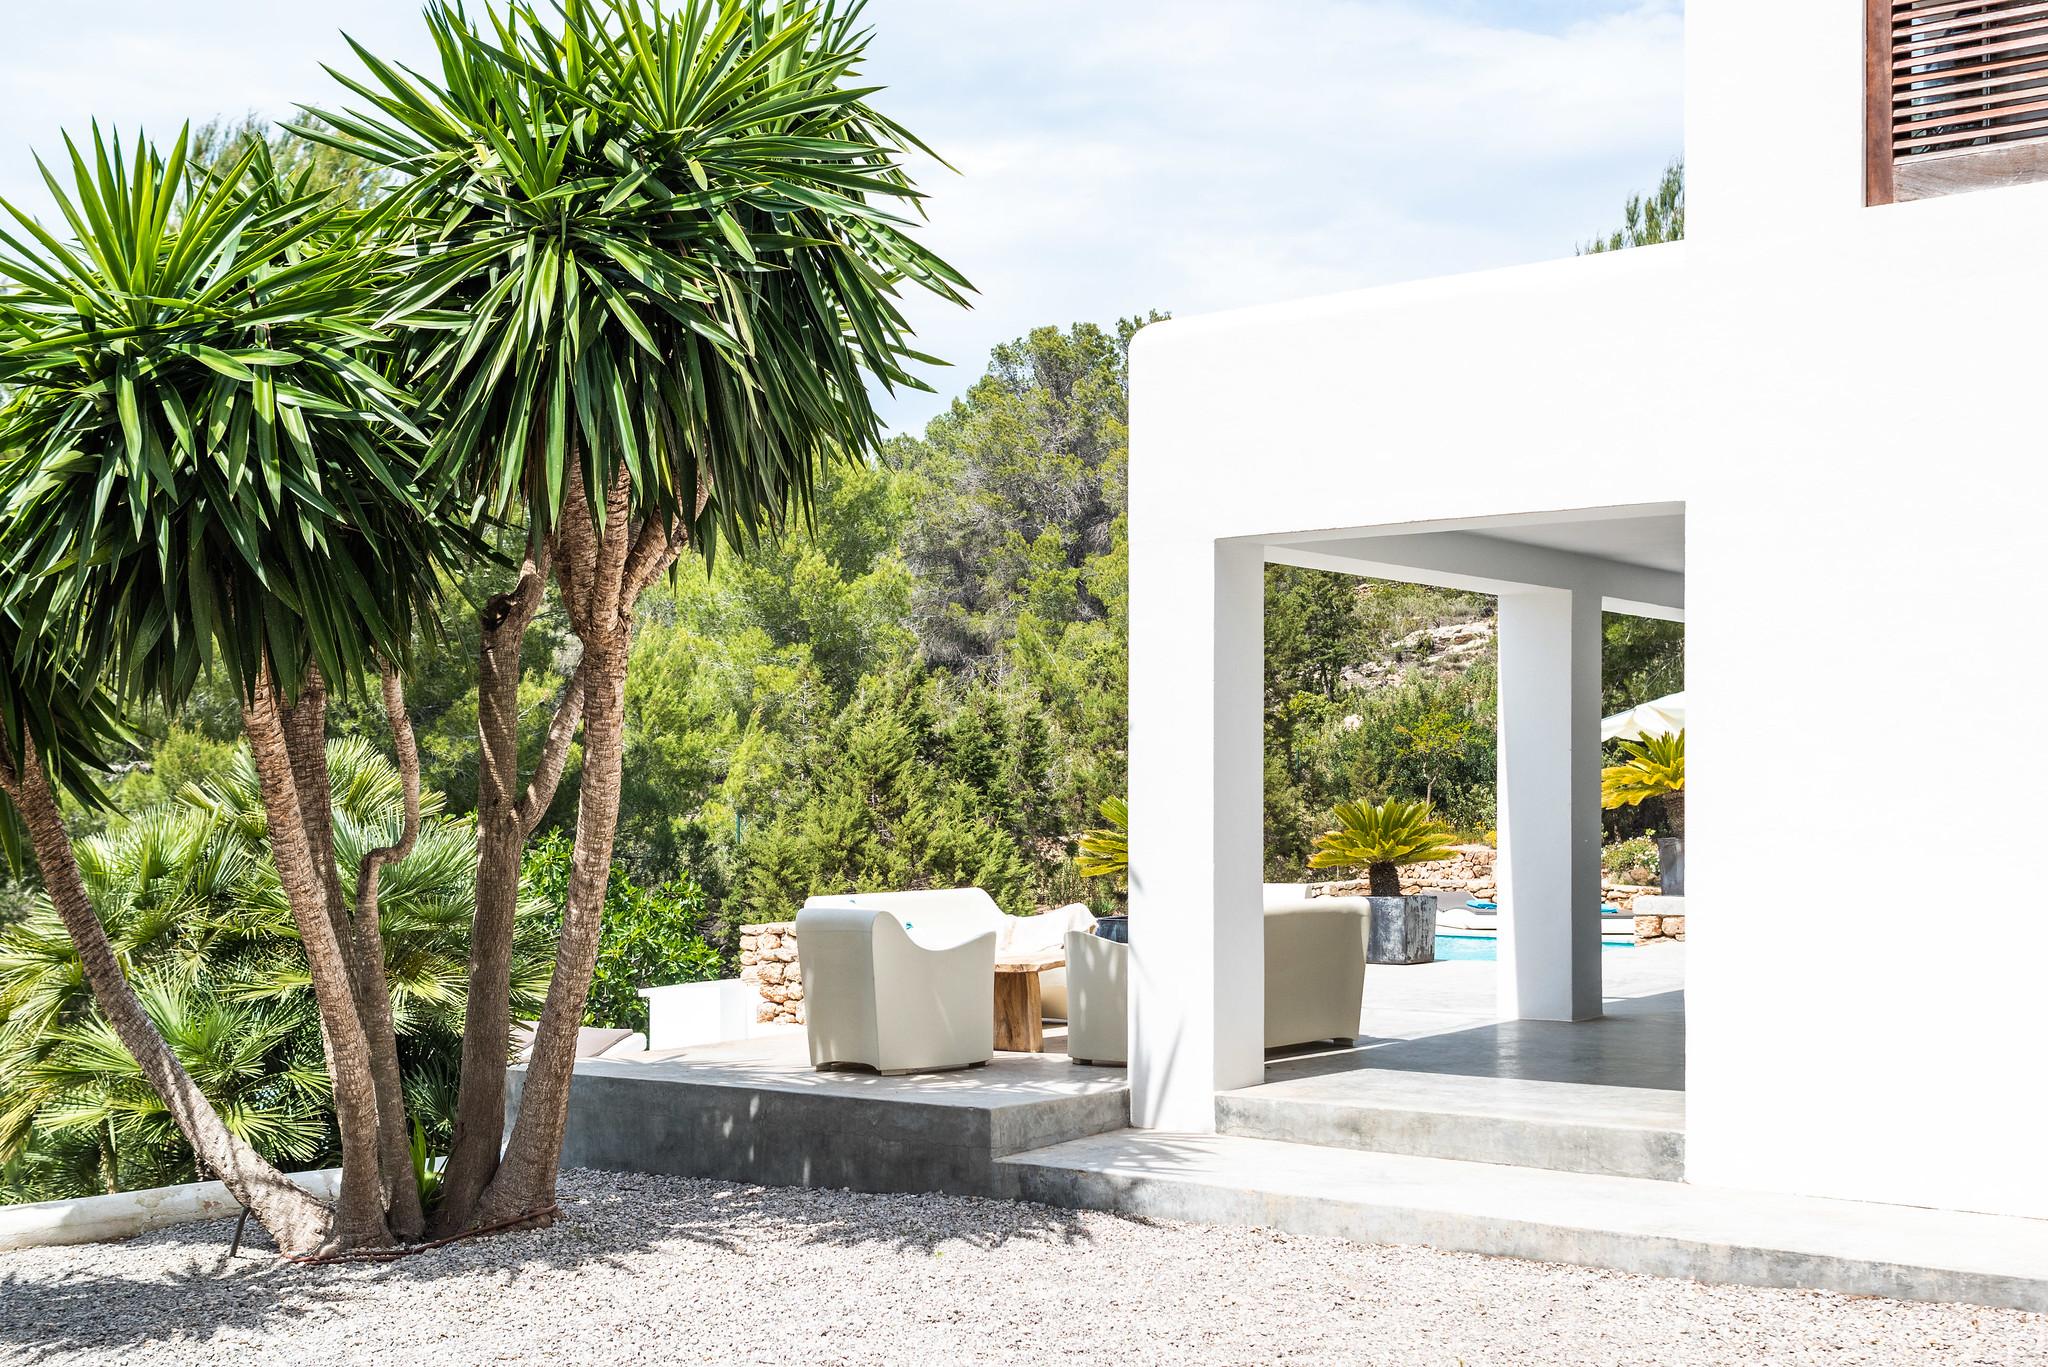 https://www.white-ibiza.com/wp-content/uploads/2020/06/white-ibiza-villas-villa-azul-exterior-facade.jpg